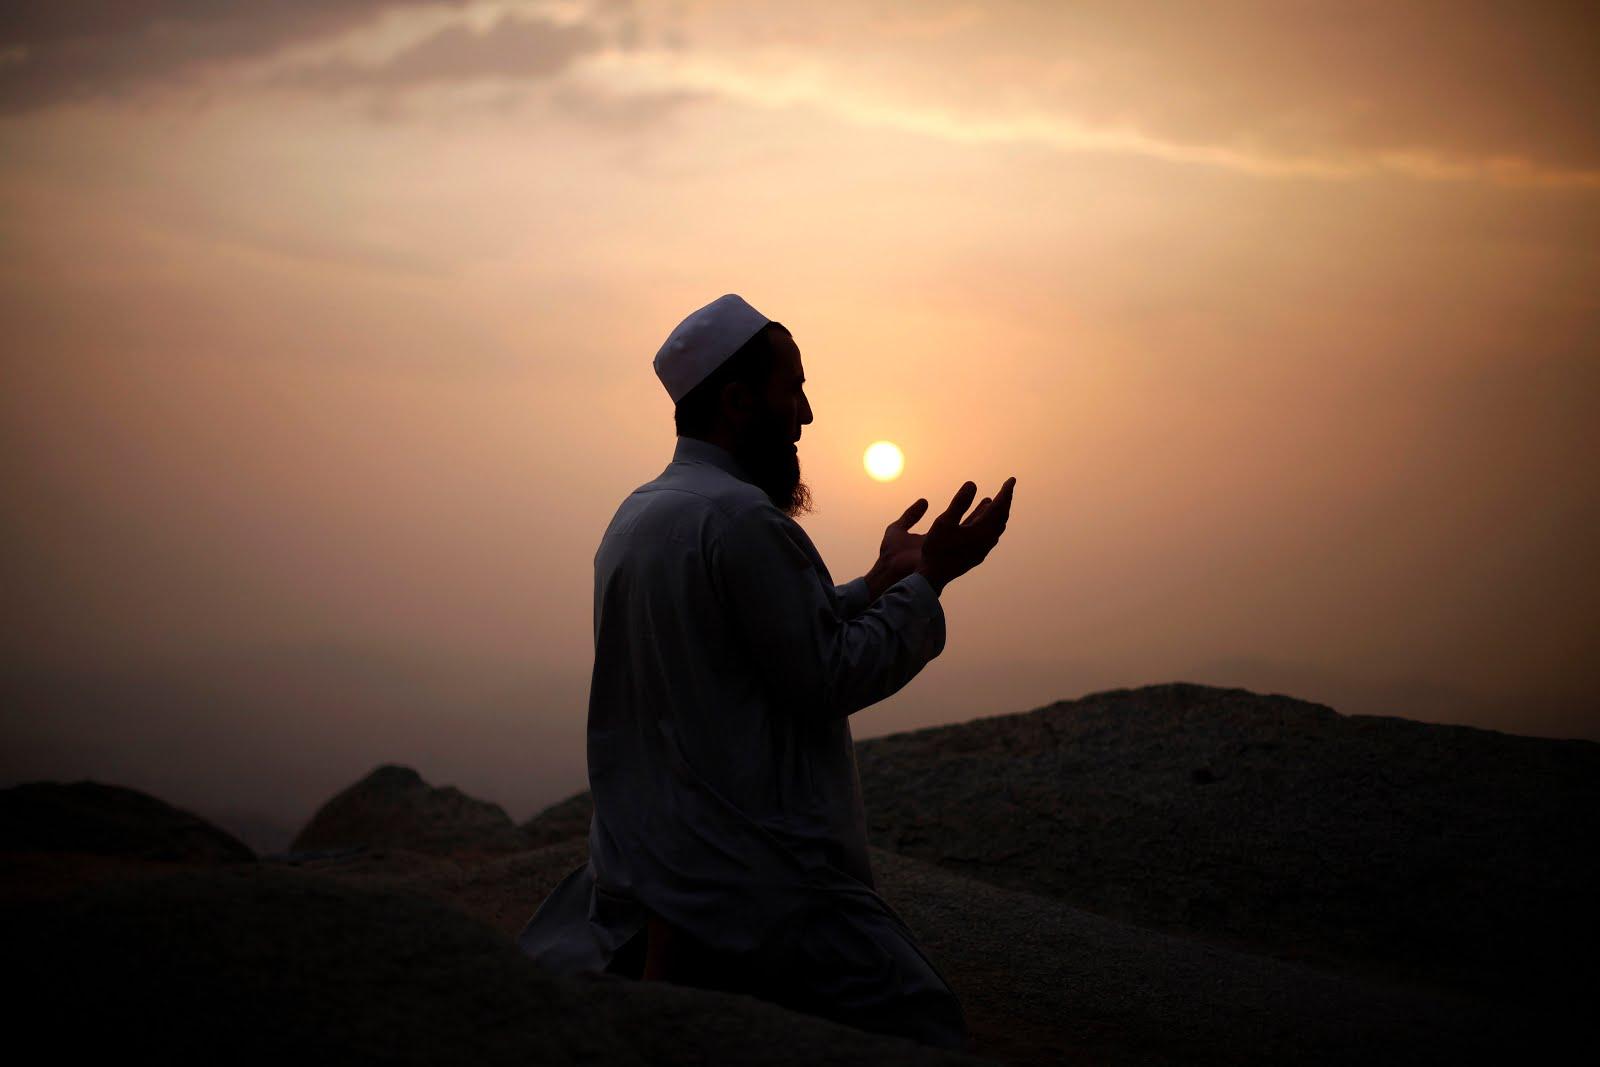 Картинки ислама о молитве